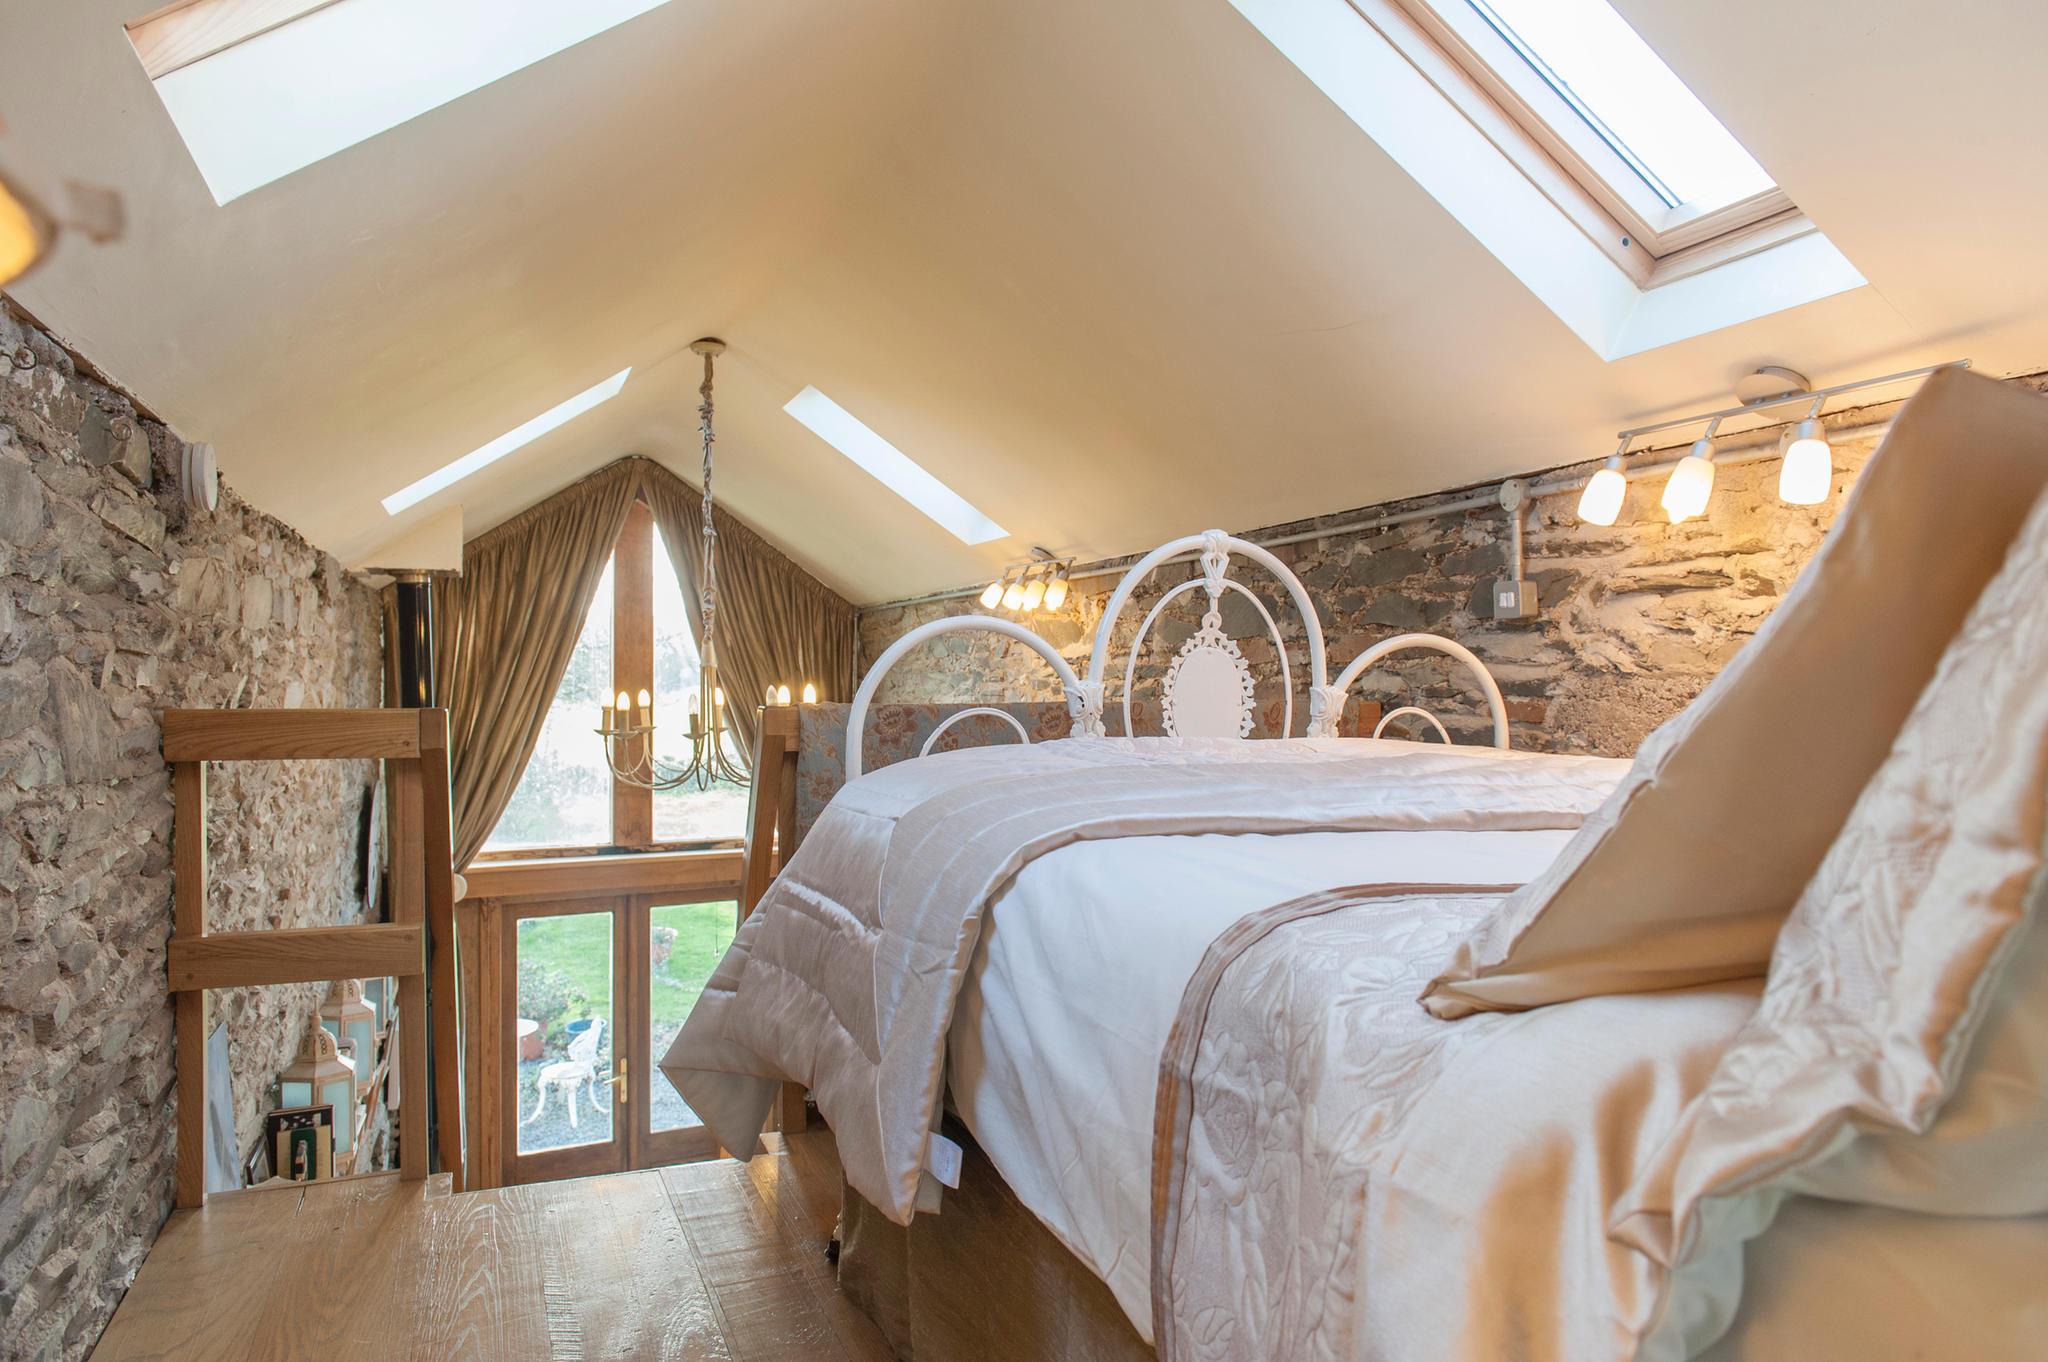 Über eine kleine Treppe geht es auf die Empore mit romantischem Doppelbett. Ab 85 Euro/Nacht unter www.airbnb.de/rooms/5300721